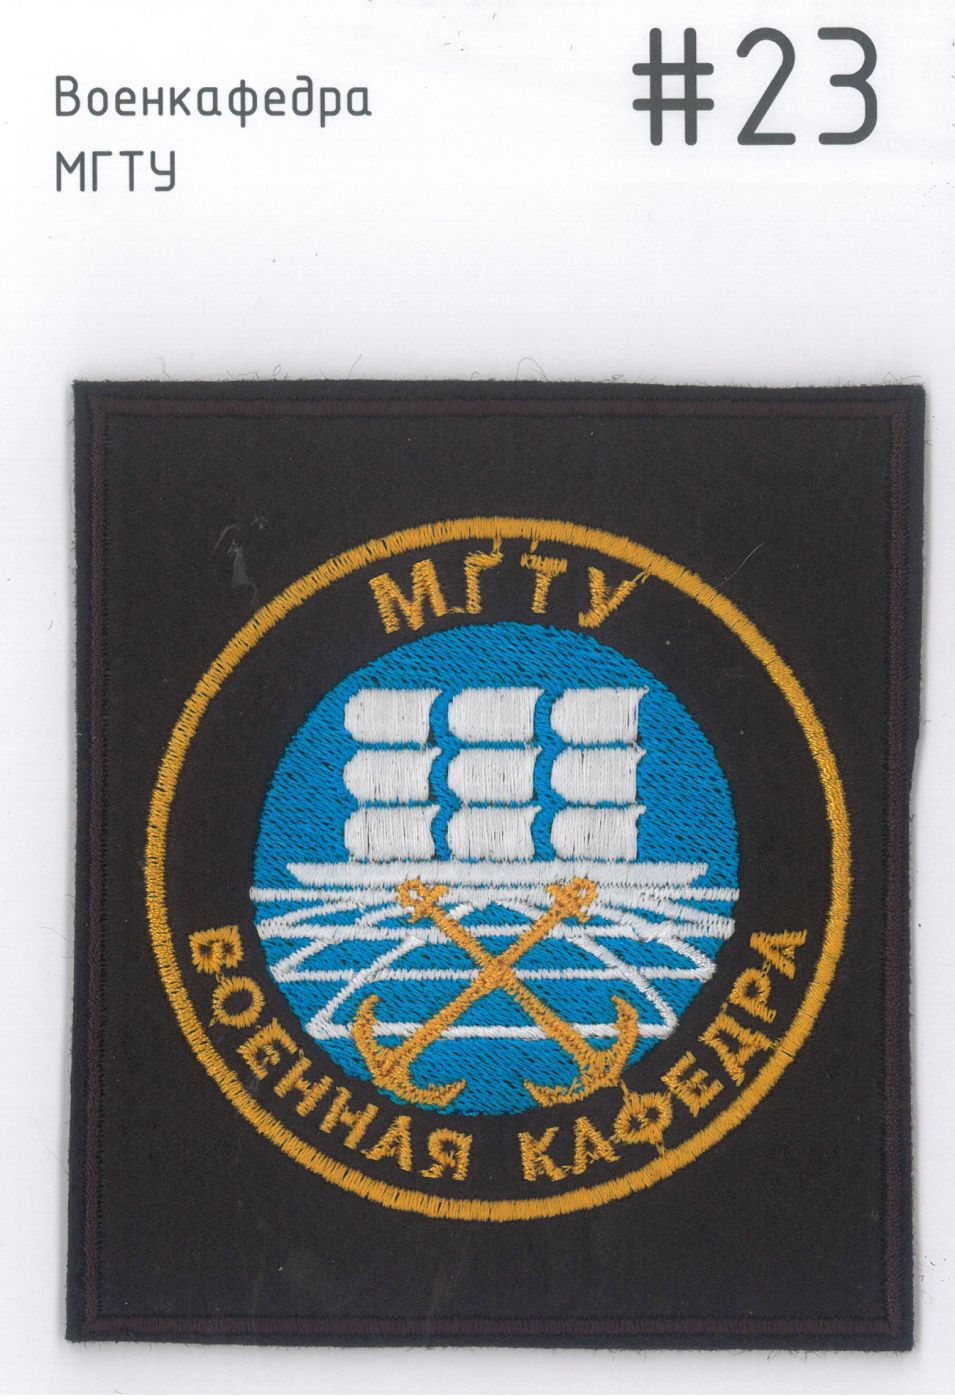 Шеврон военной кафедры МГТУ